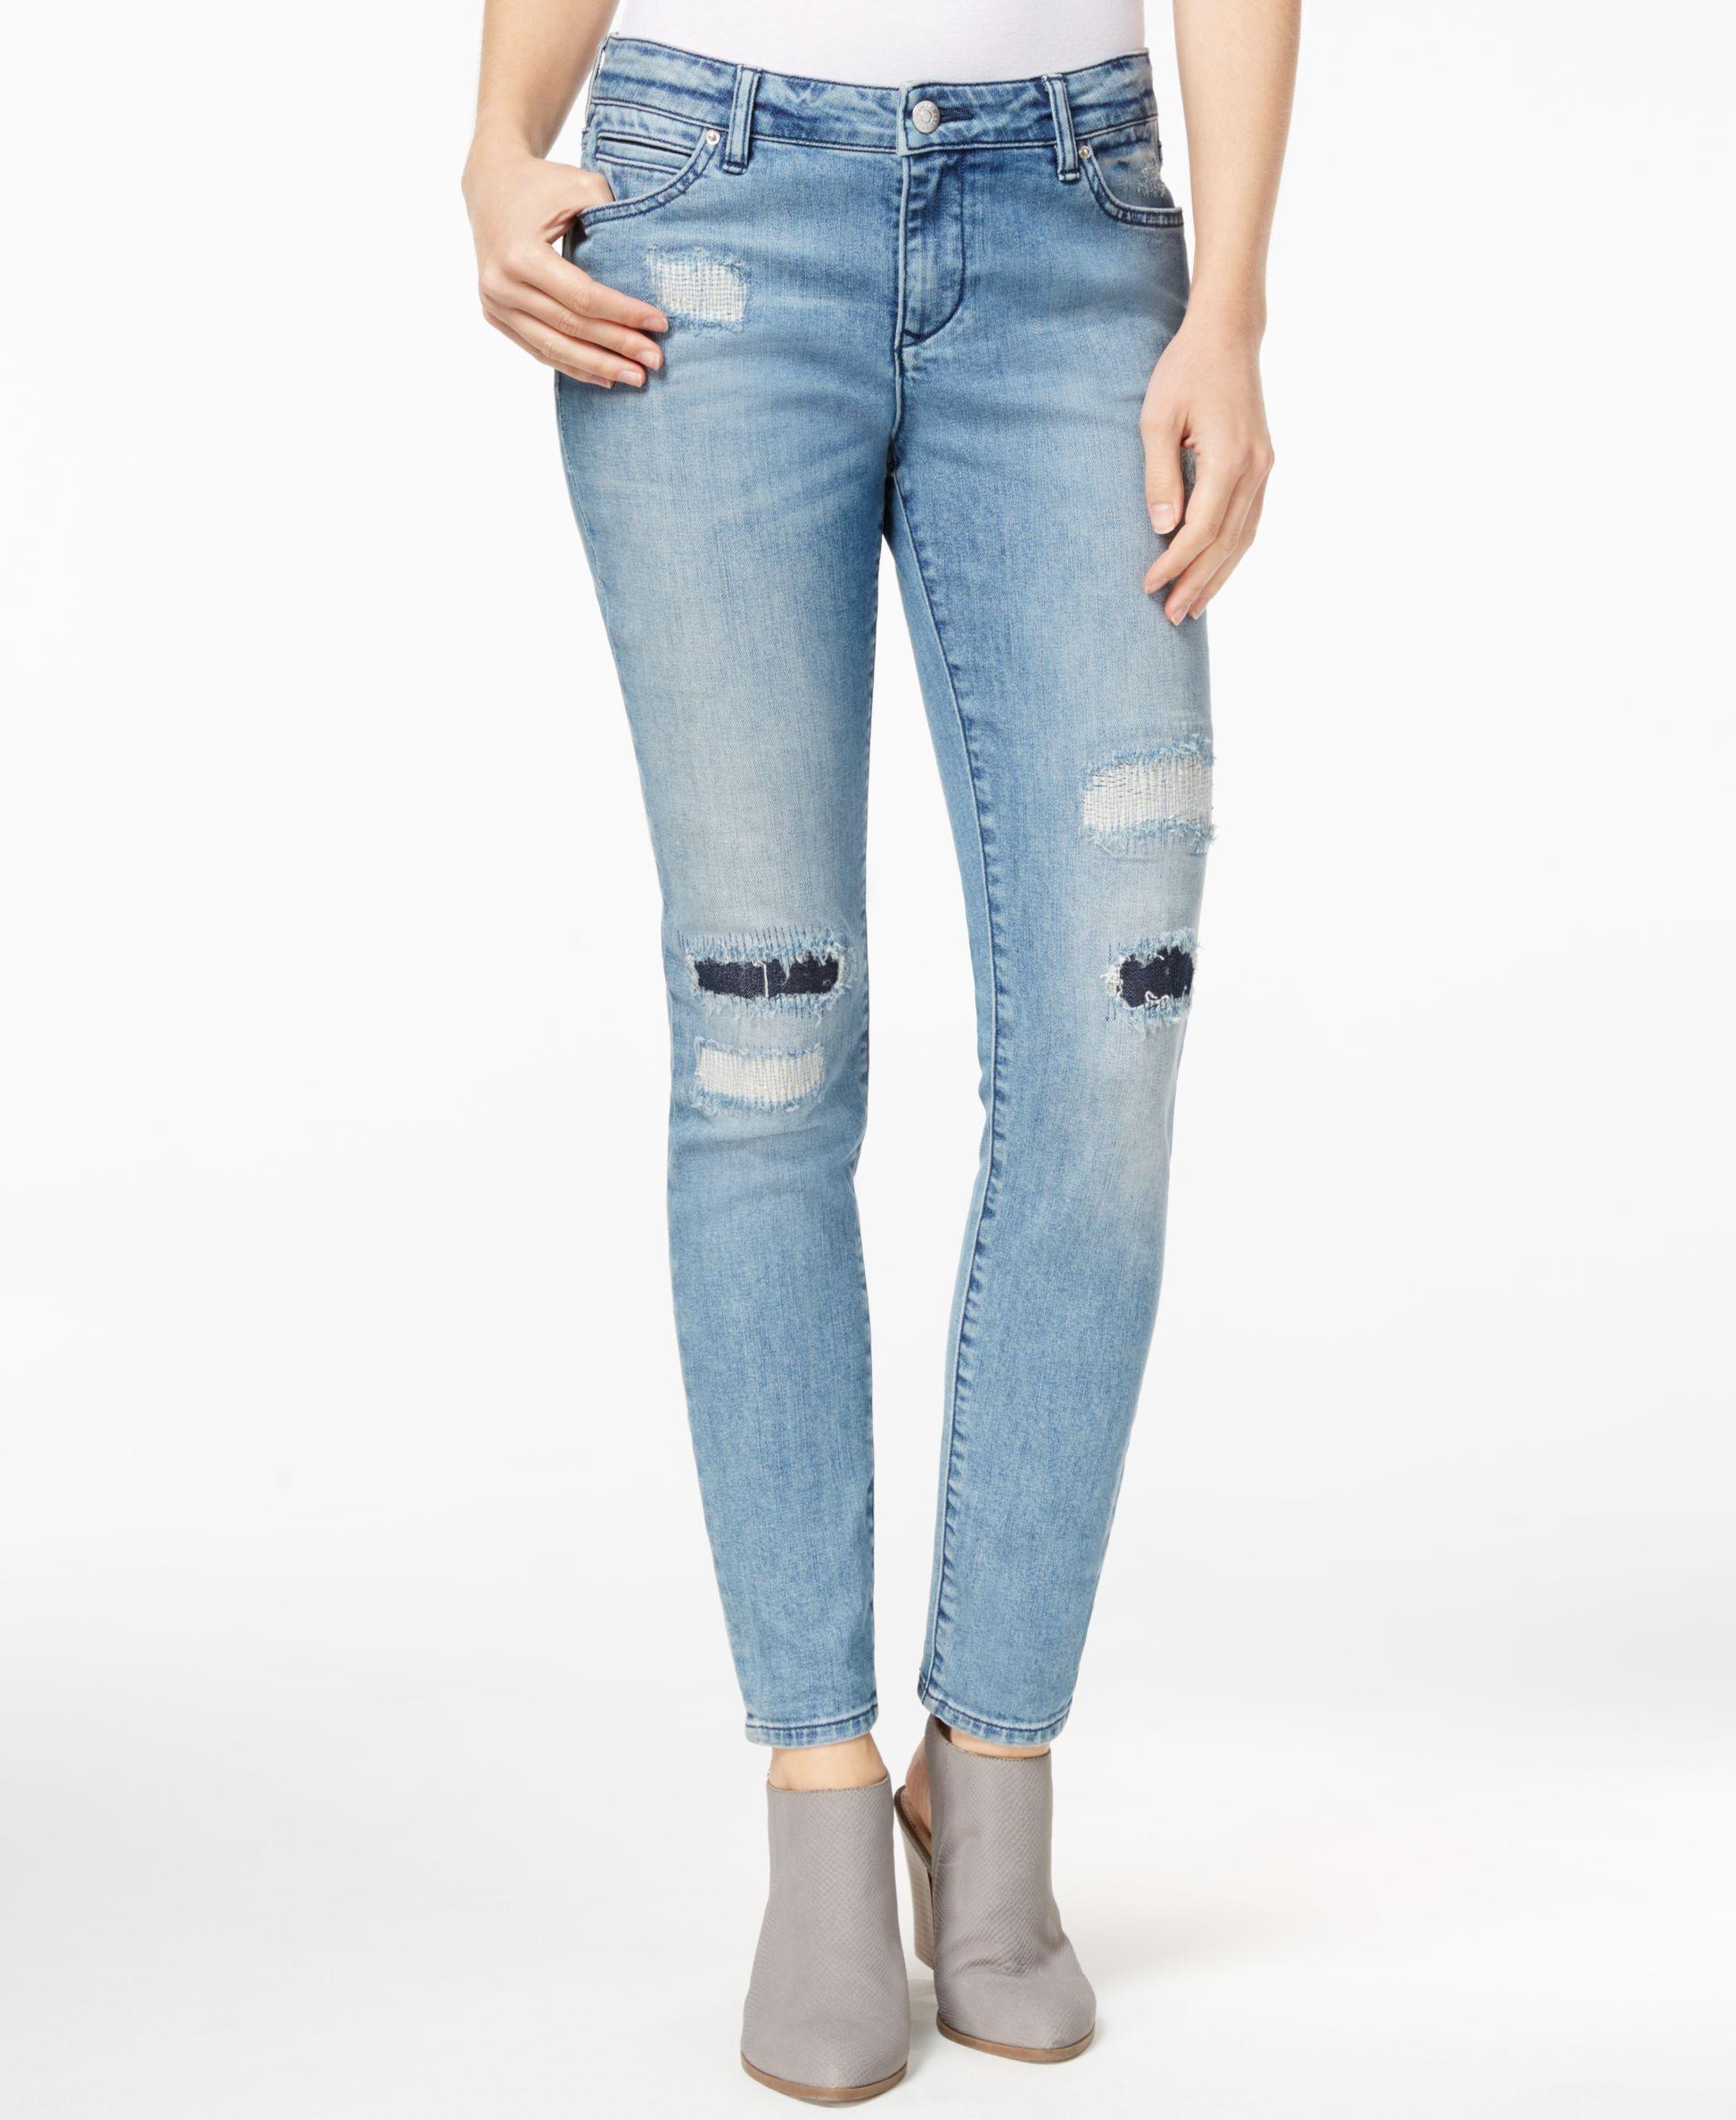 Armani exchange Rip u0026 Repair Light Blue Wash Skinny Jeans in Blue | Lyst